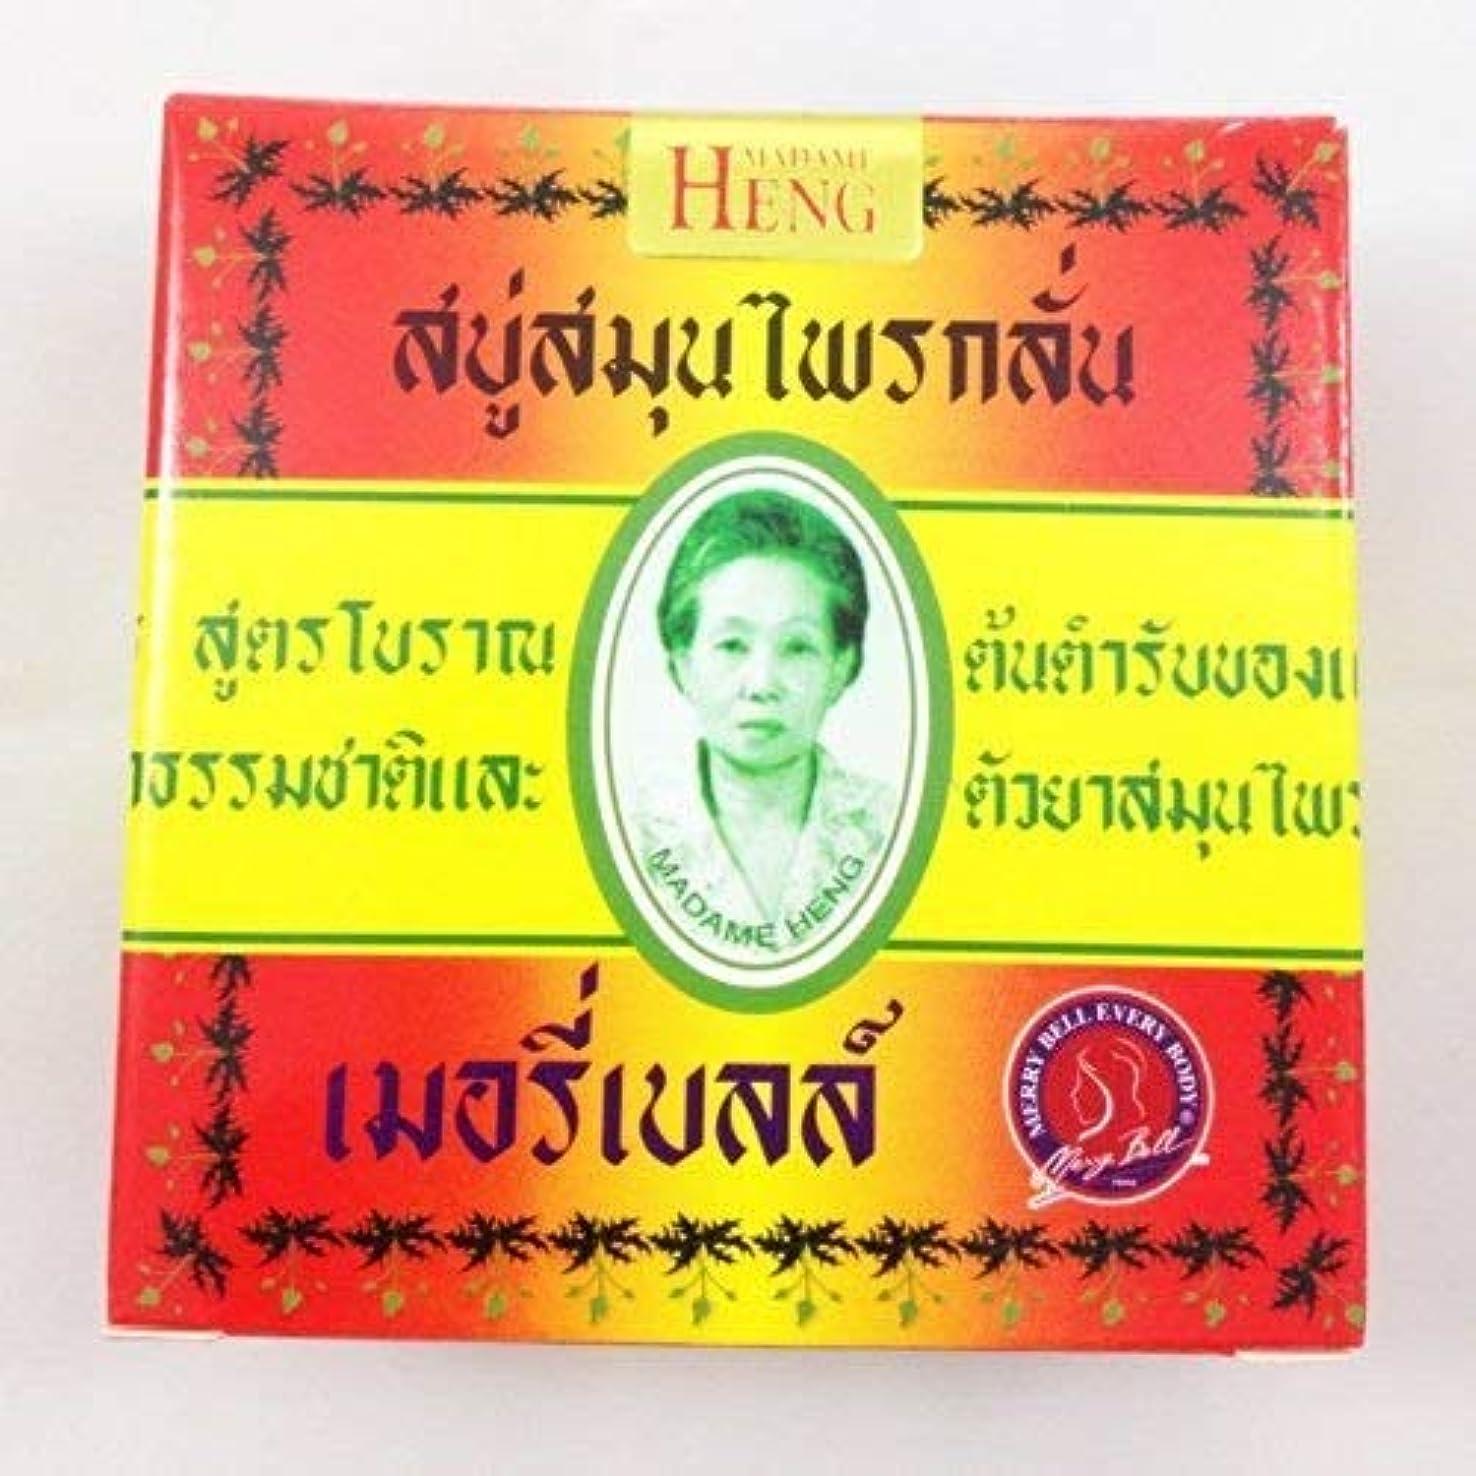 ゴール積分シダMadame Heng Thai Original Natural Herbal Soap Bar Made in Thailand 160gx2pcs by Ni Yom Thai shop